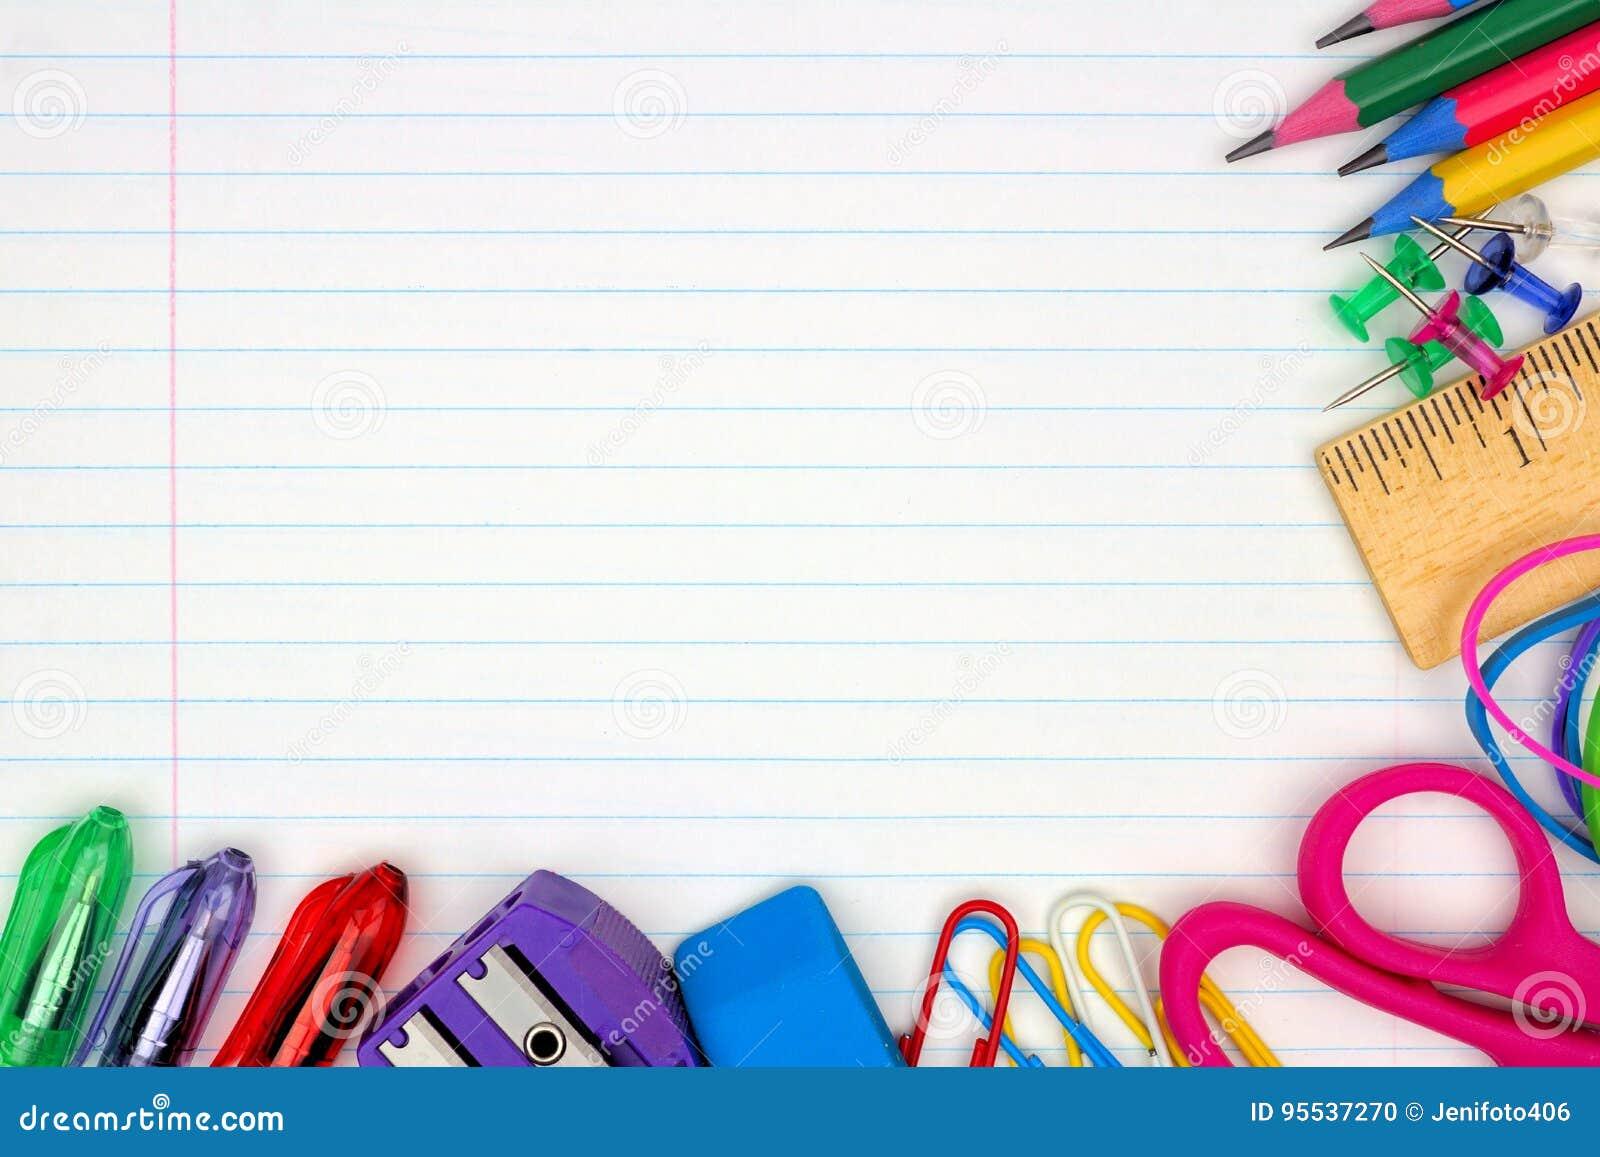 Fondo Utiles Escolares Vector: Papel Alineado Fotos De Stock